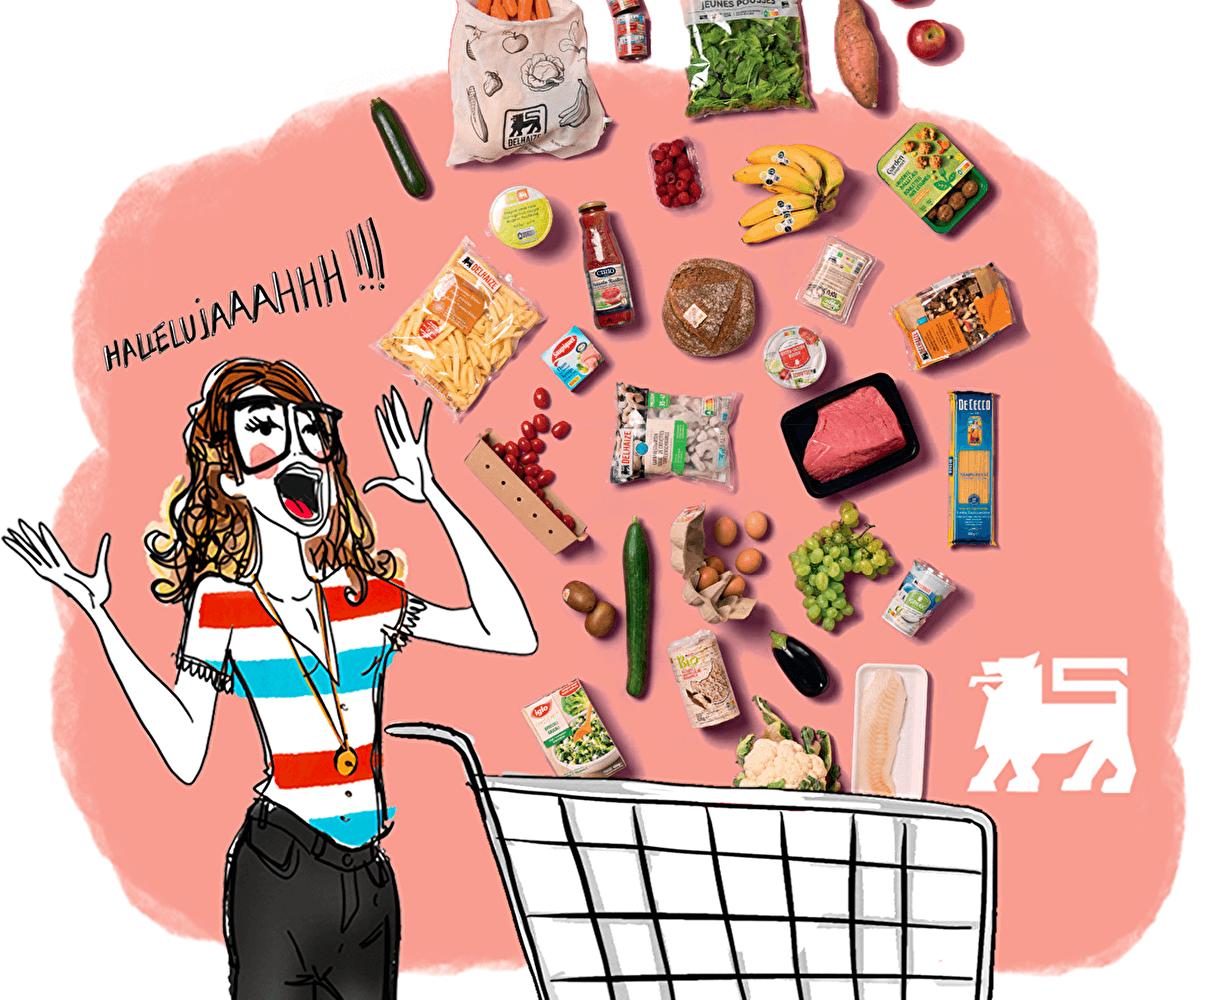 Des milliers de produits à prix réduit, et ce ne sont pas des salades !